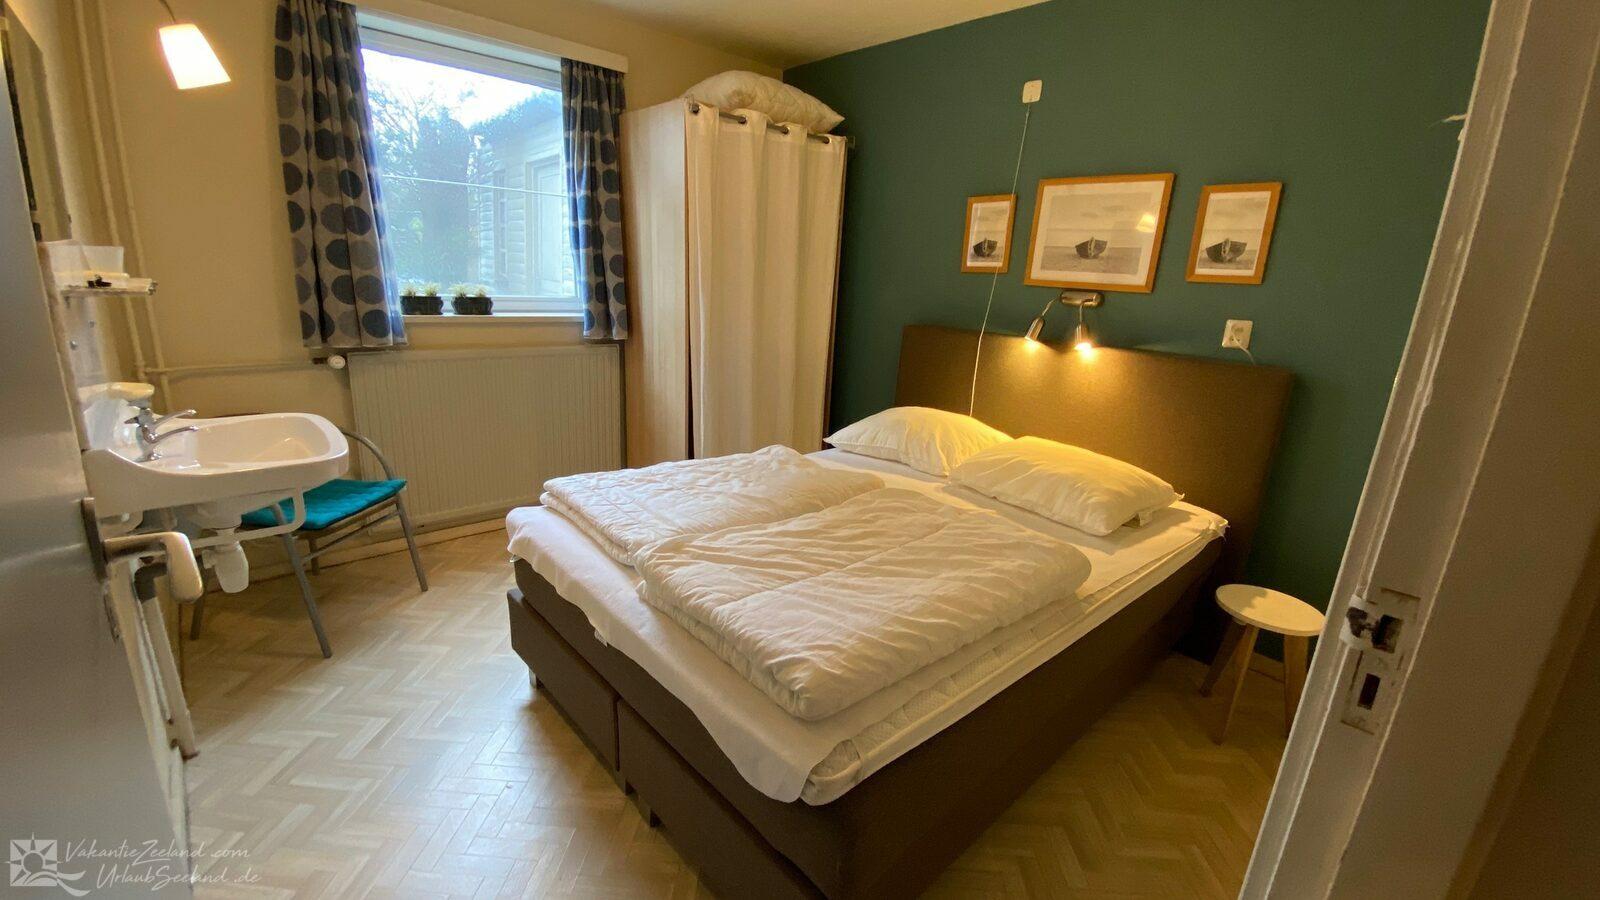 VZ726 Appartement Cadzand